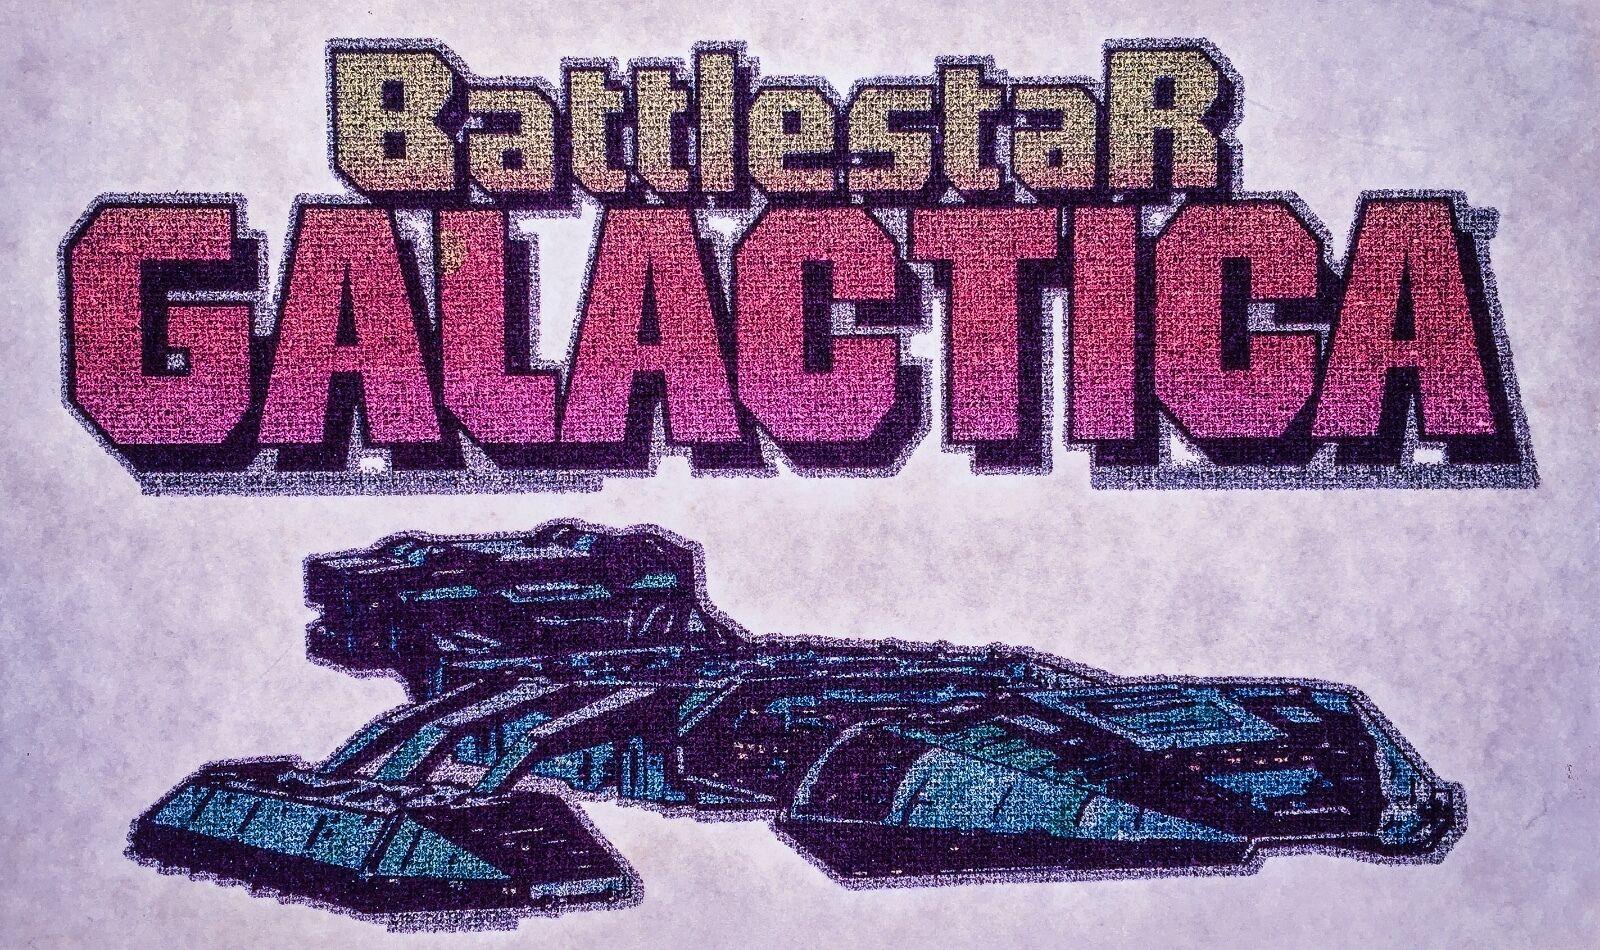 Battlestar Galactica prismatic belt buckle mint NOS